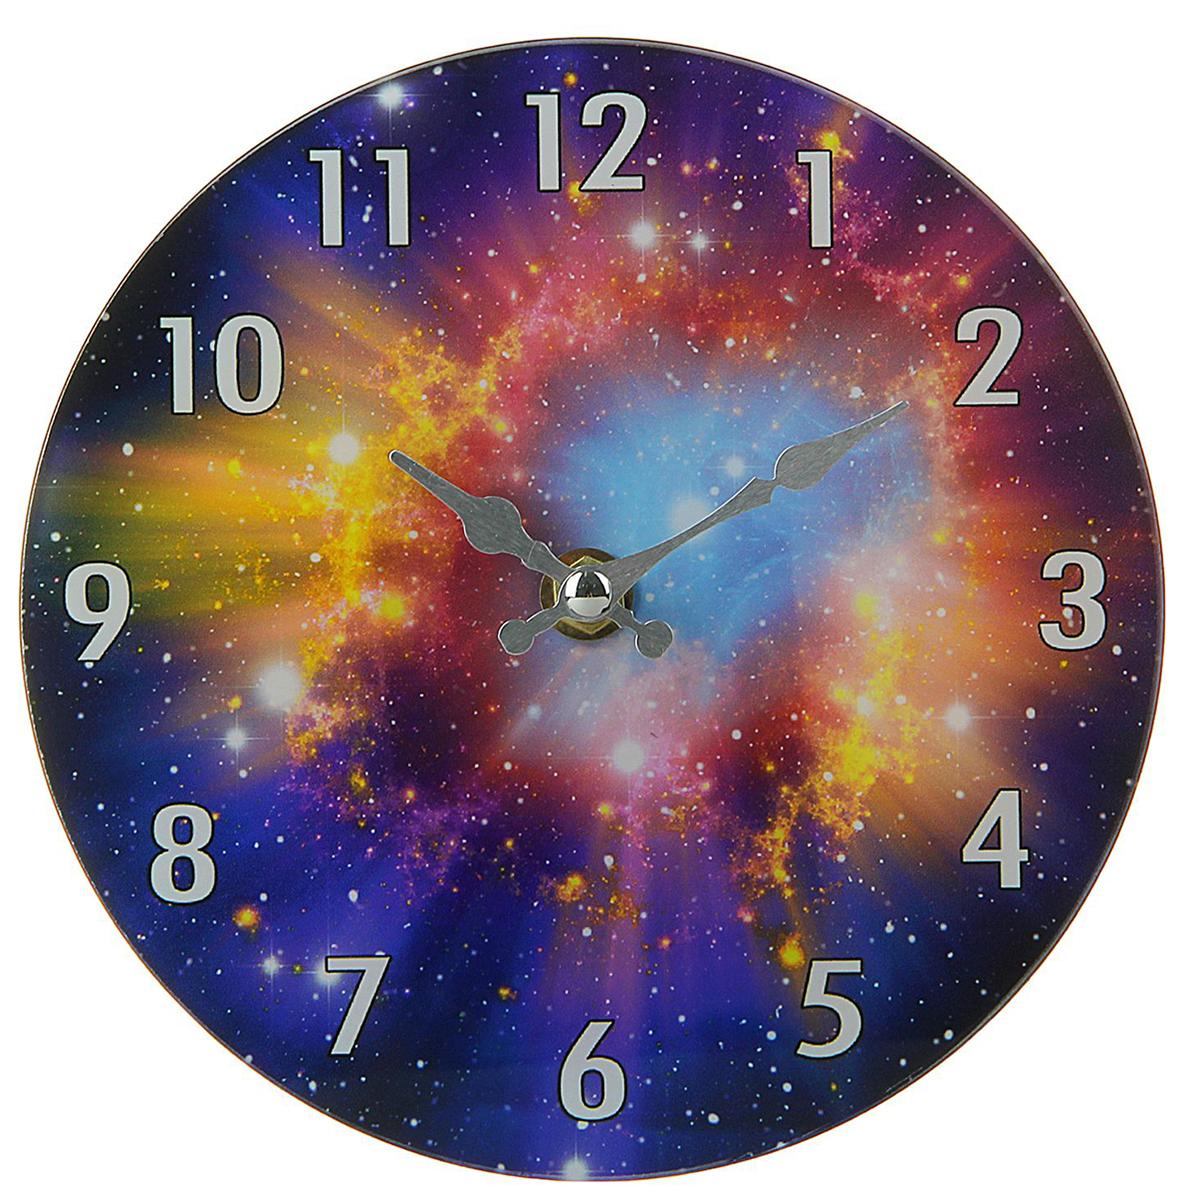 Часы настенные Есения. Вселенная, с подставкой, диаметр 17 см хочу продать свою квартиру которая менее 3х лет и другую какие налоги надо заплатить